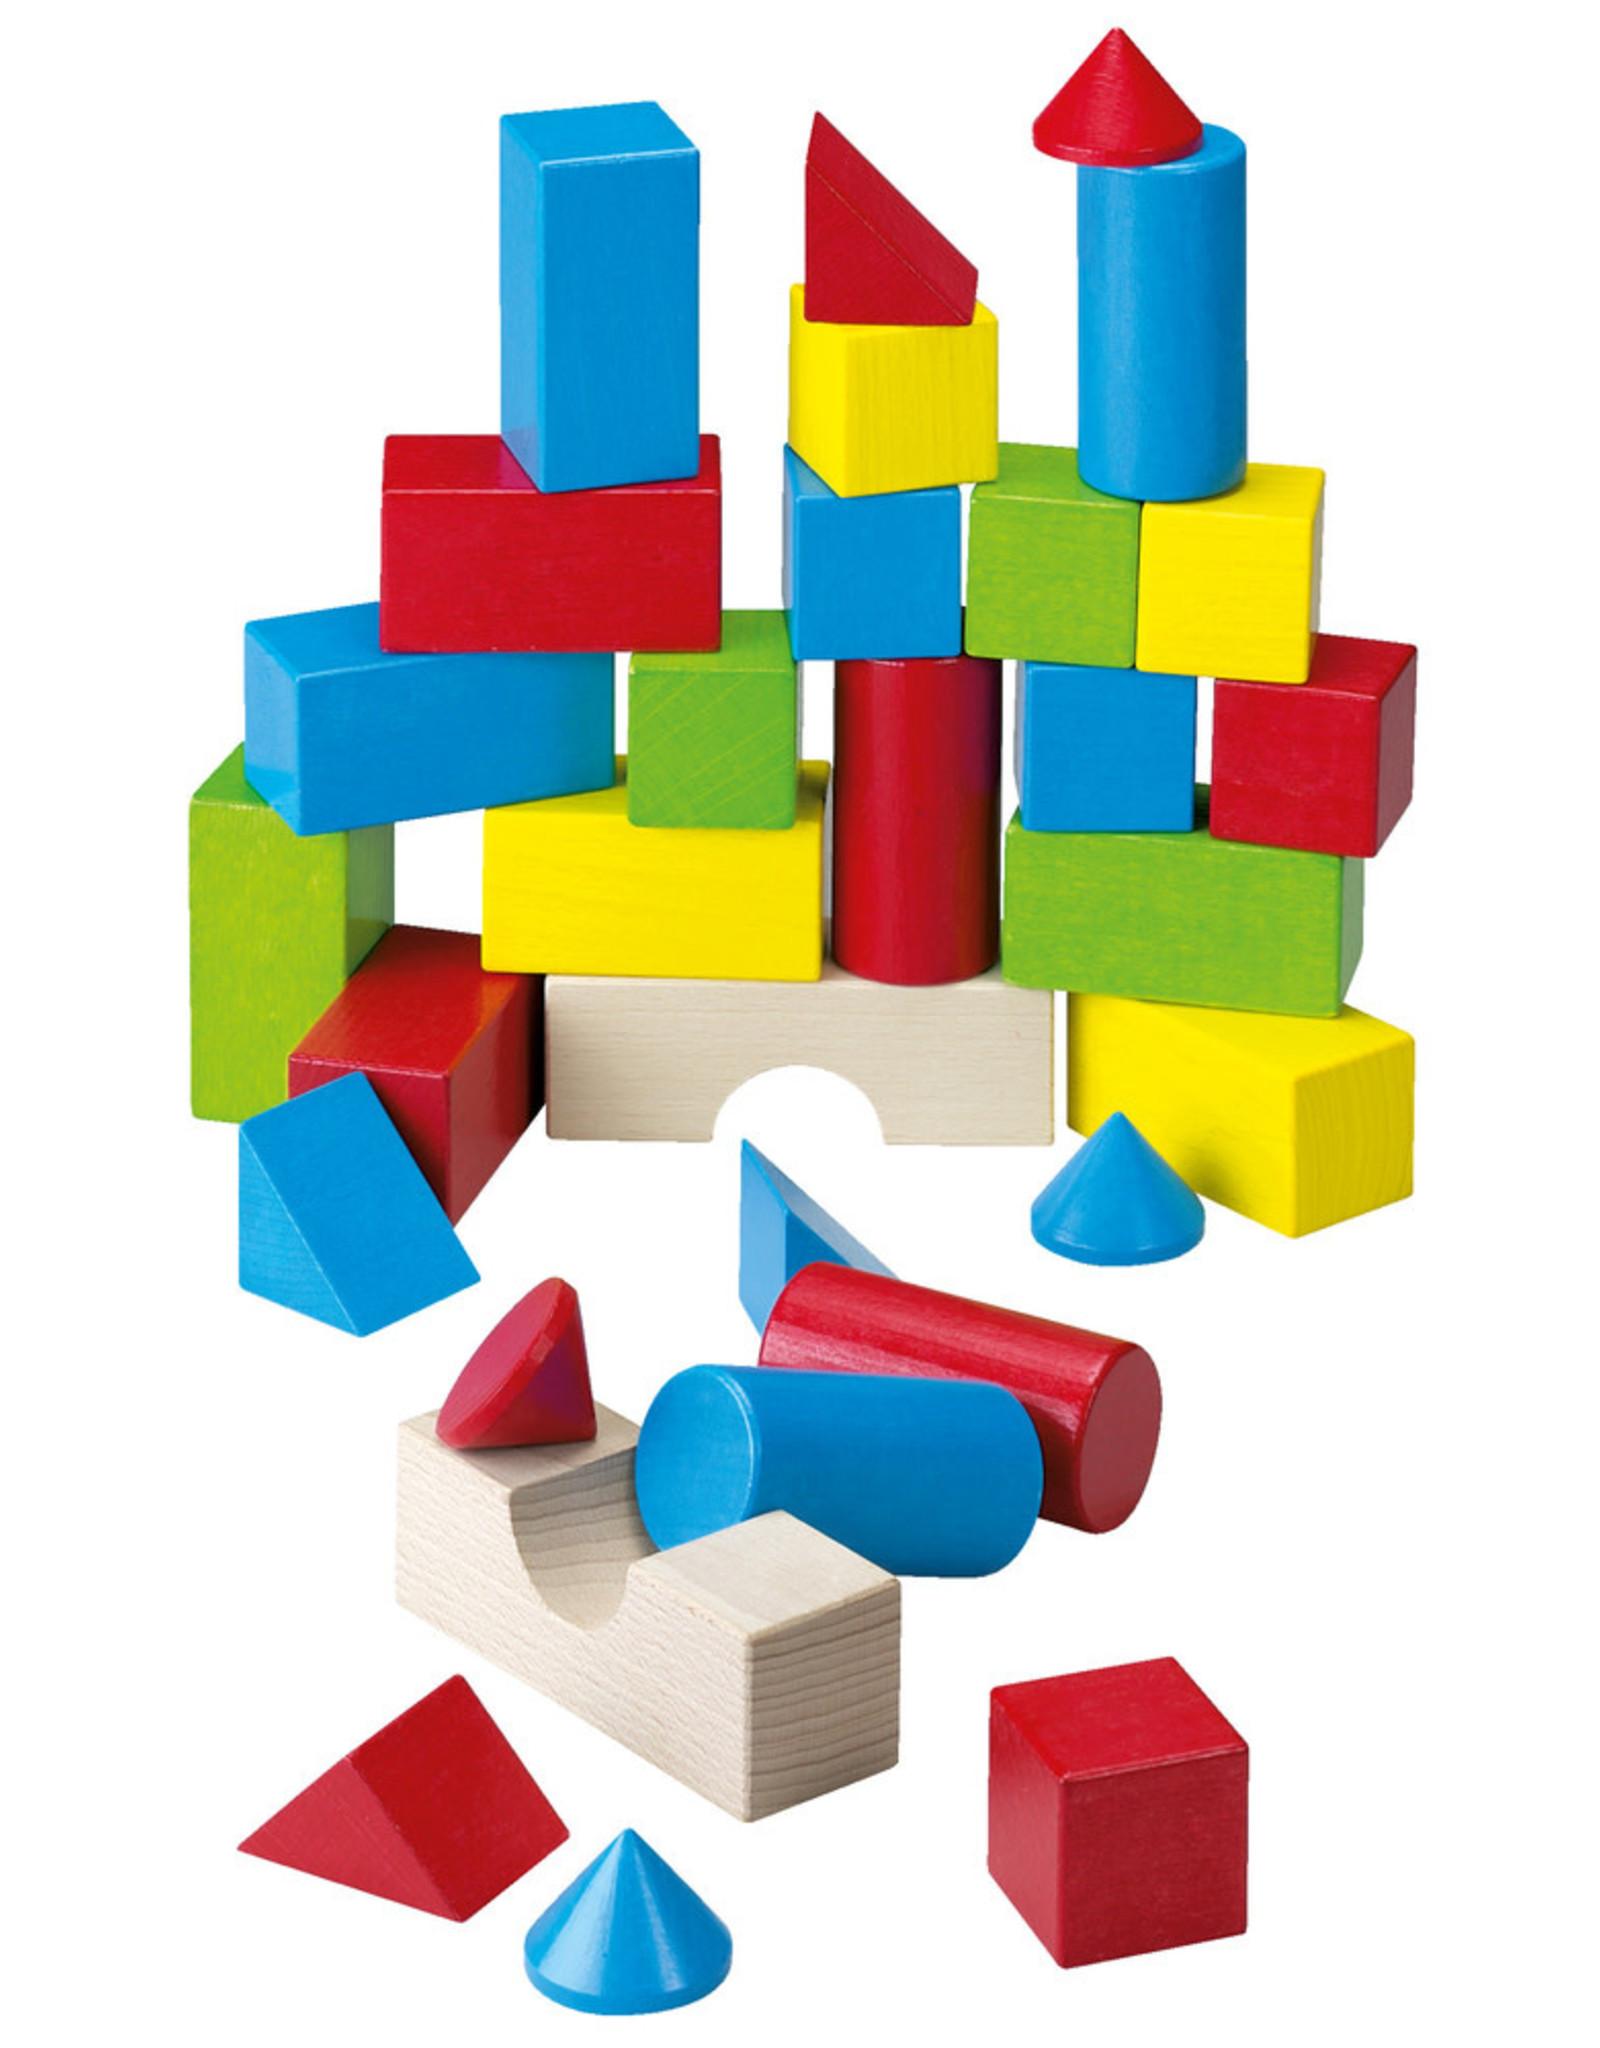 HABA Blokken Basisset